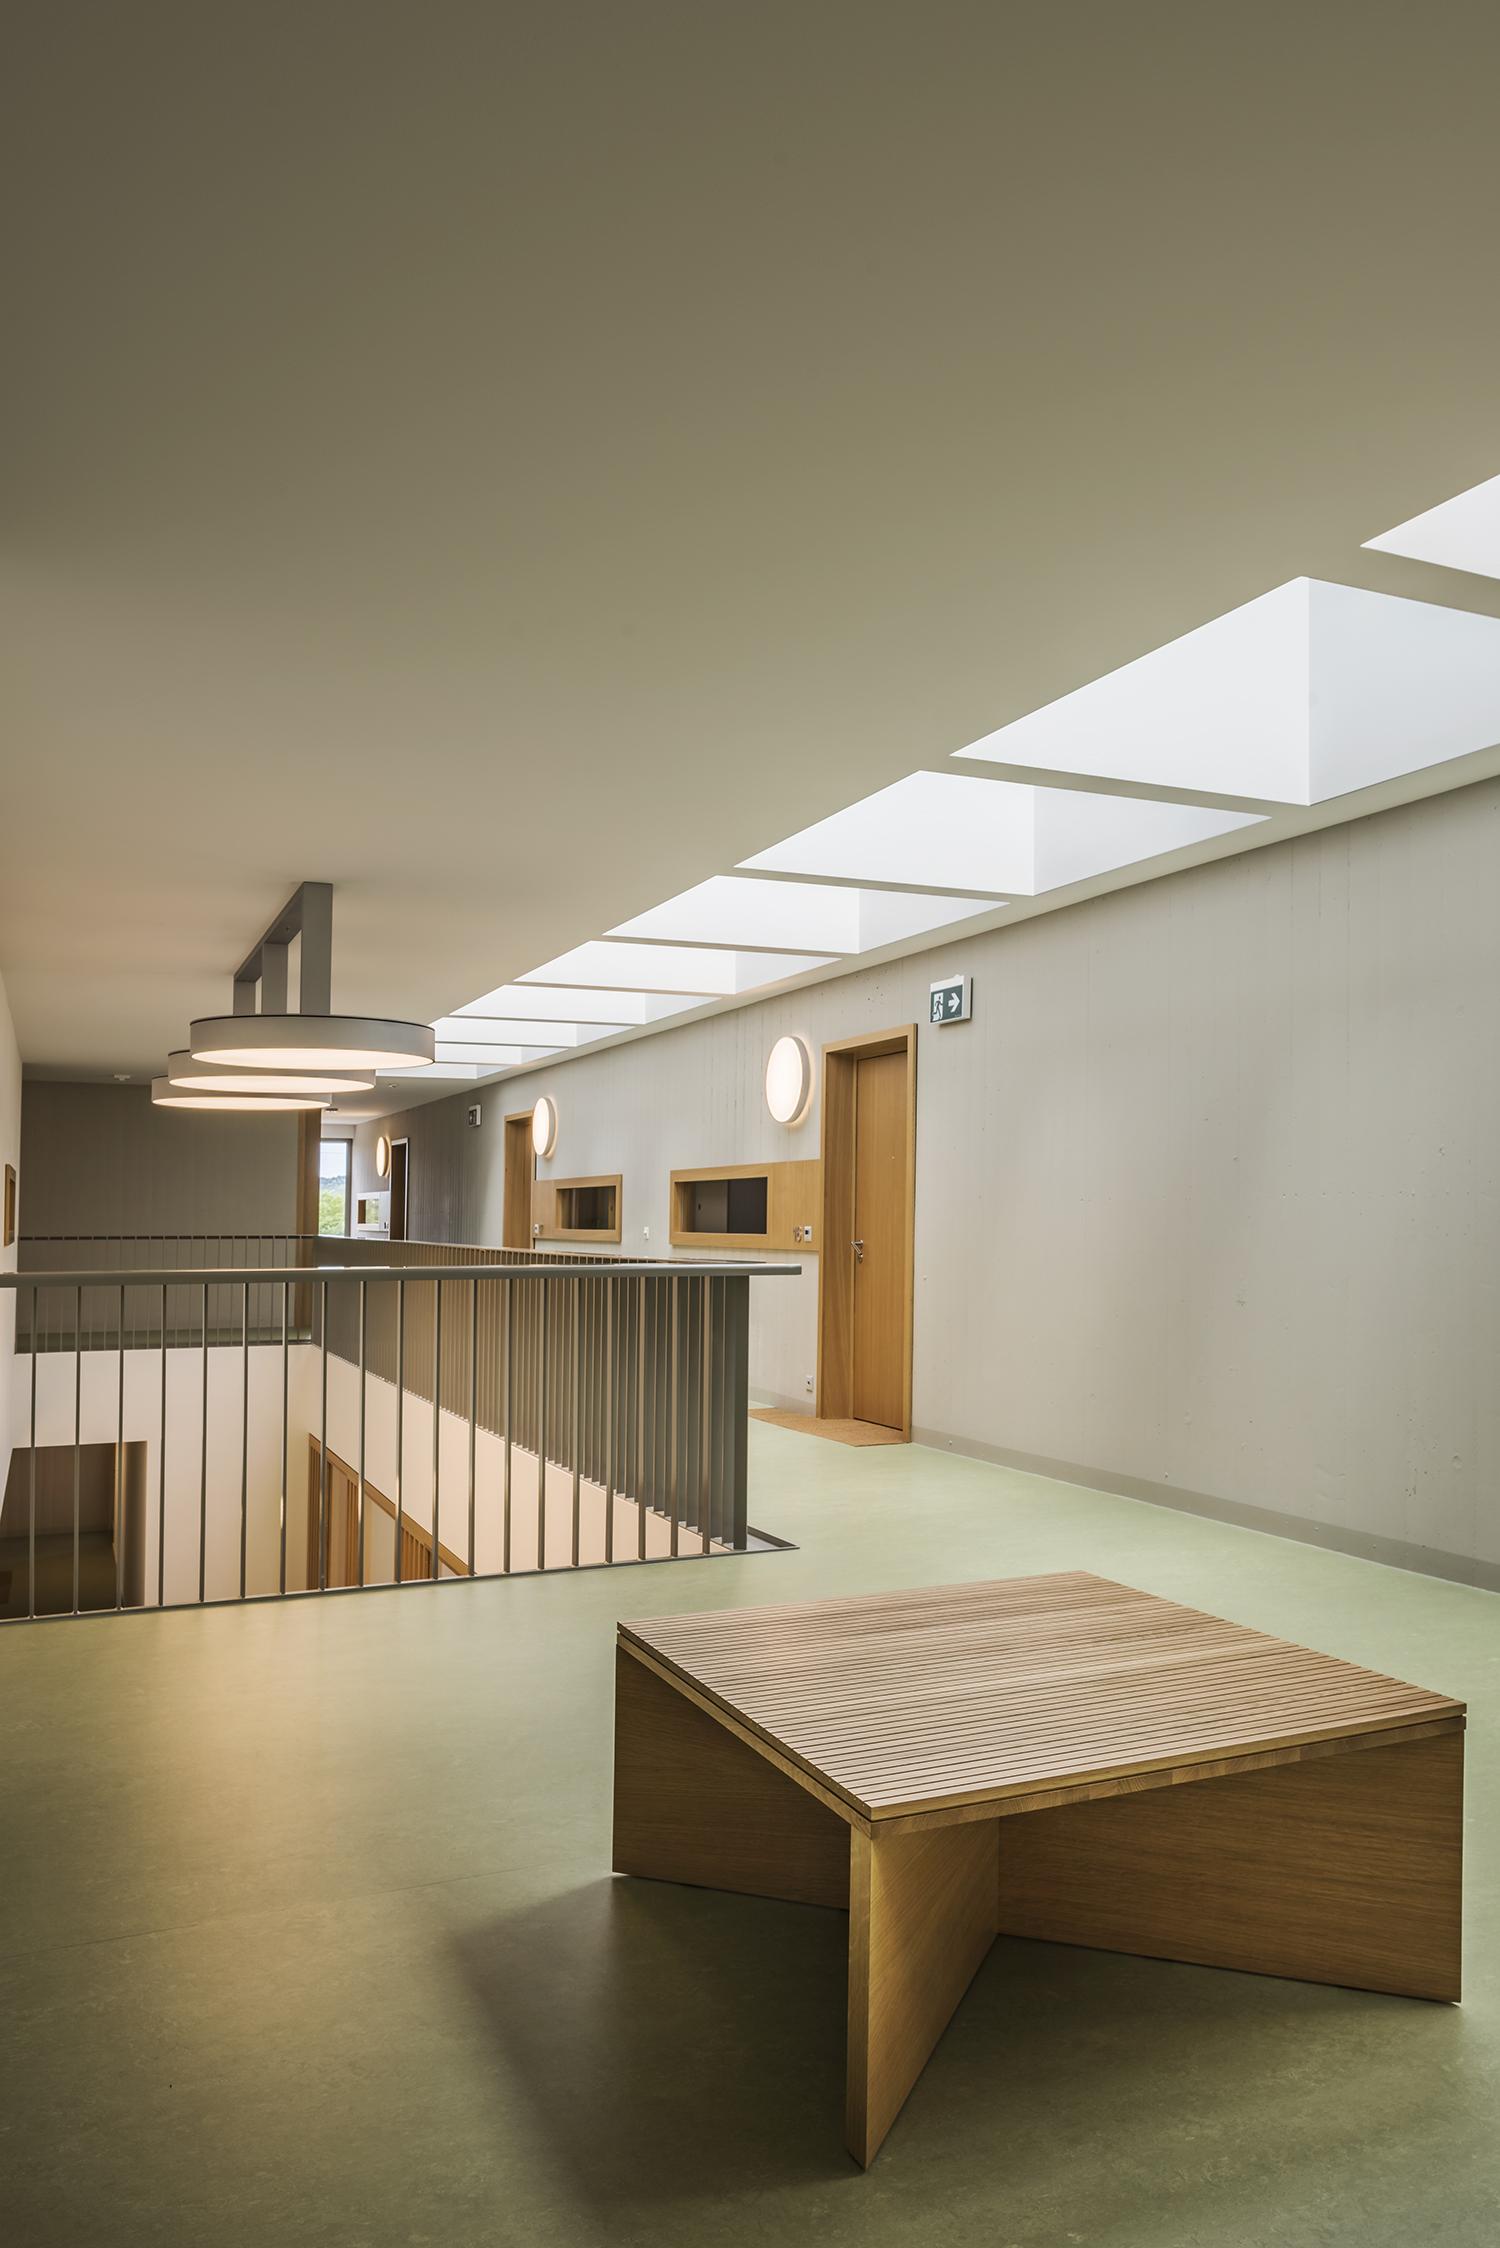 home-a-perly-ge-amaldi-neder-architectes-carouge-geneve-170-6